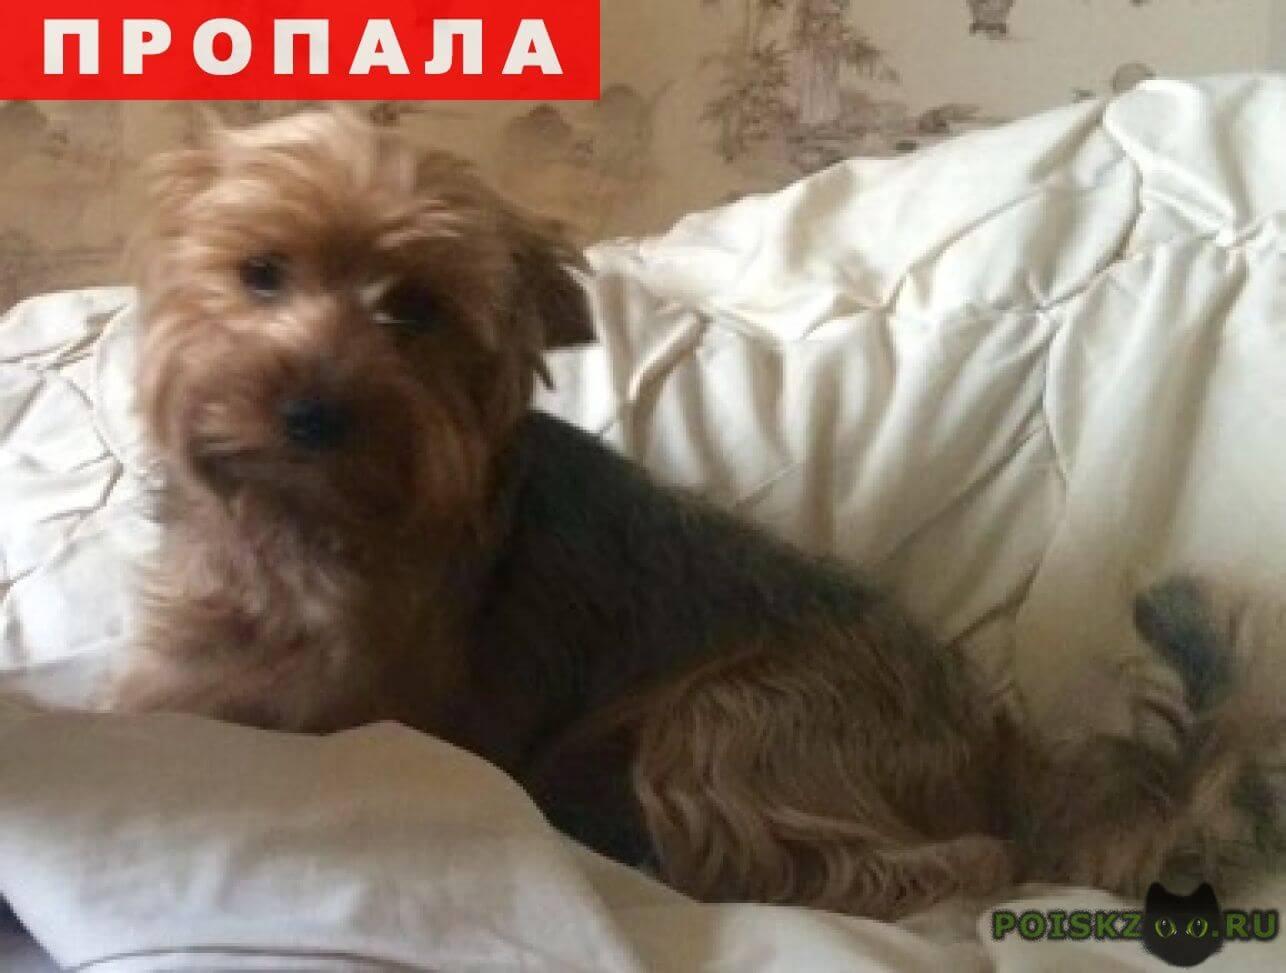 Пропала собака кобель ищем пропавшего йорка г.Москва